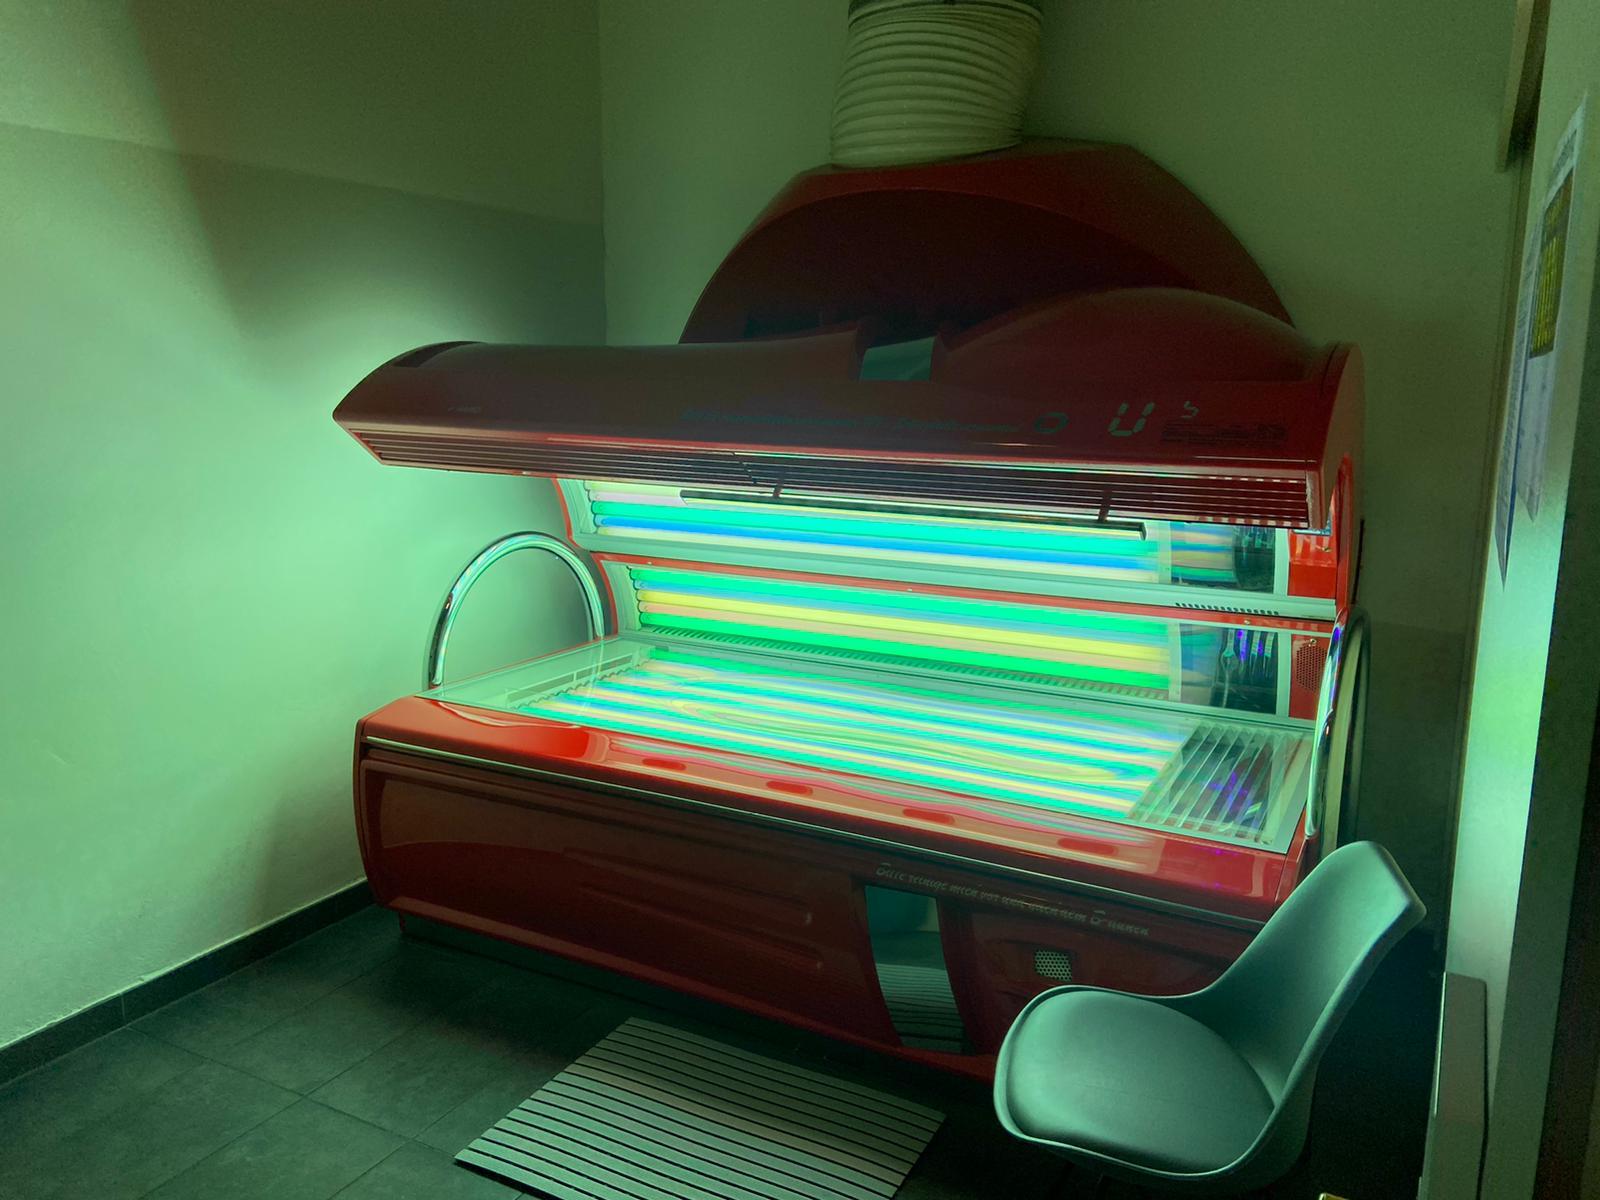 Studio Sunlight Solarium LUXURA 620SLi rainbow light